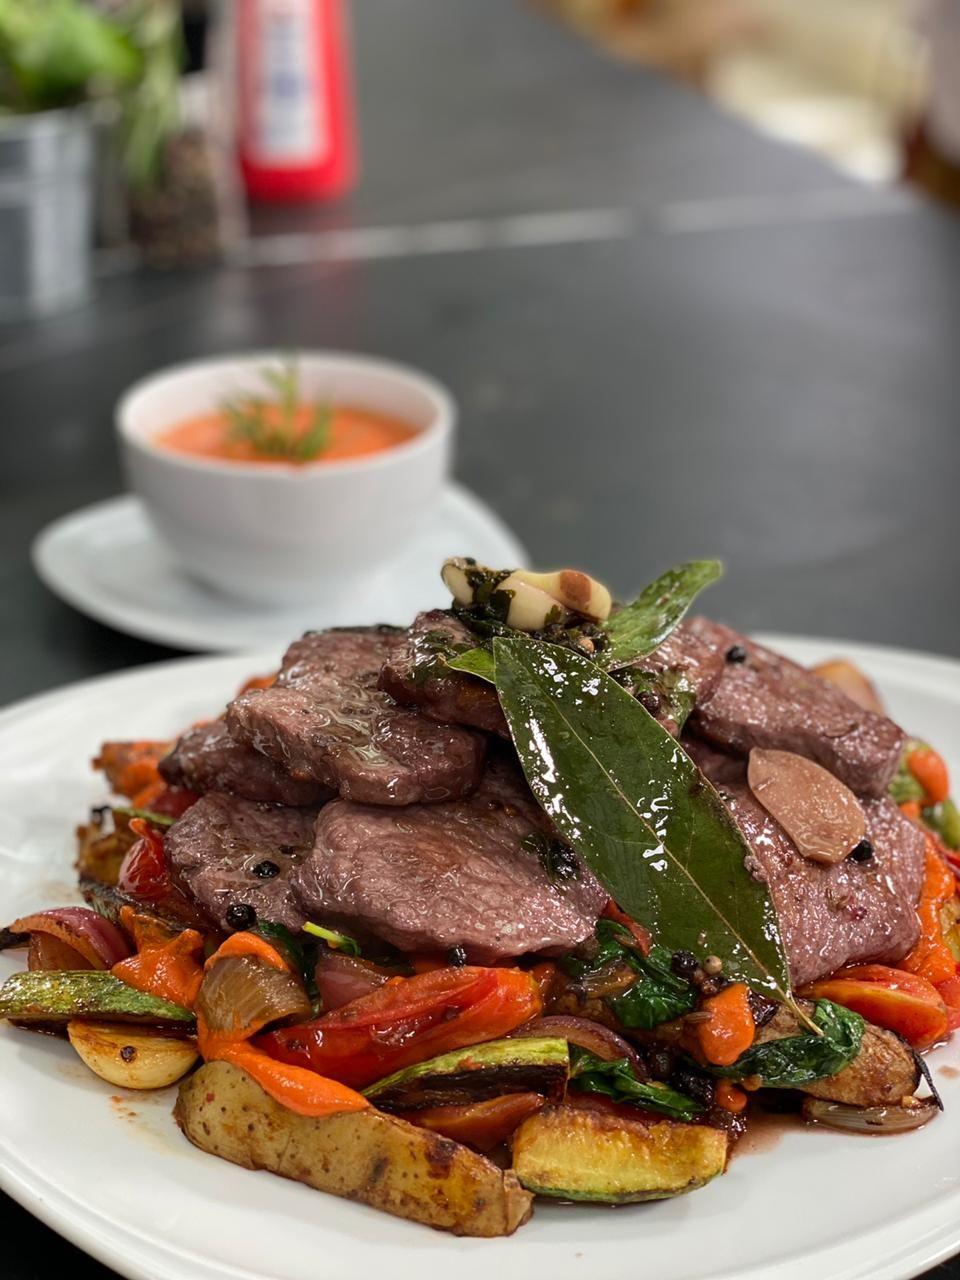 Carne especiada y otros manjares